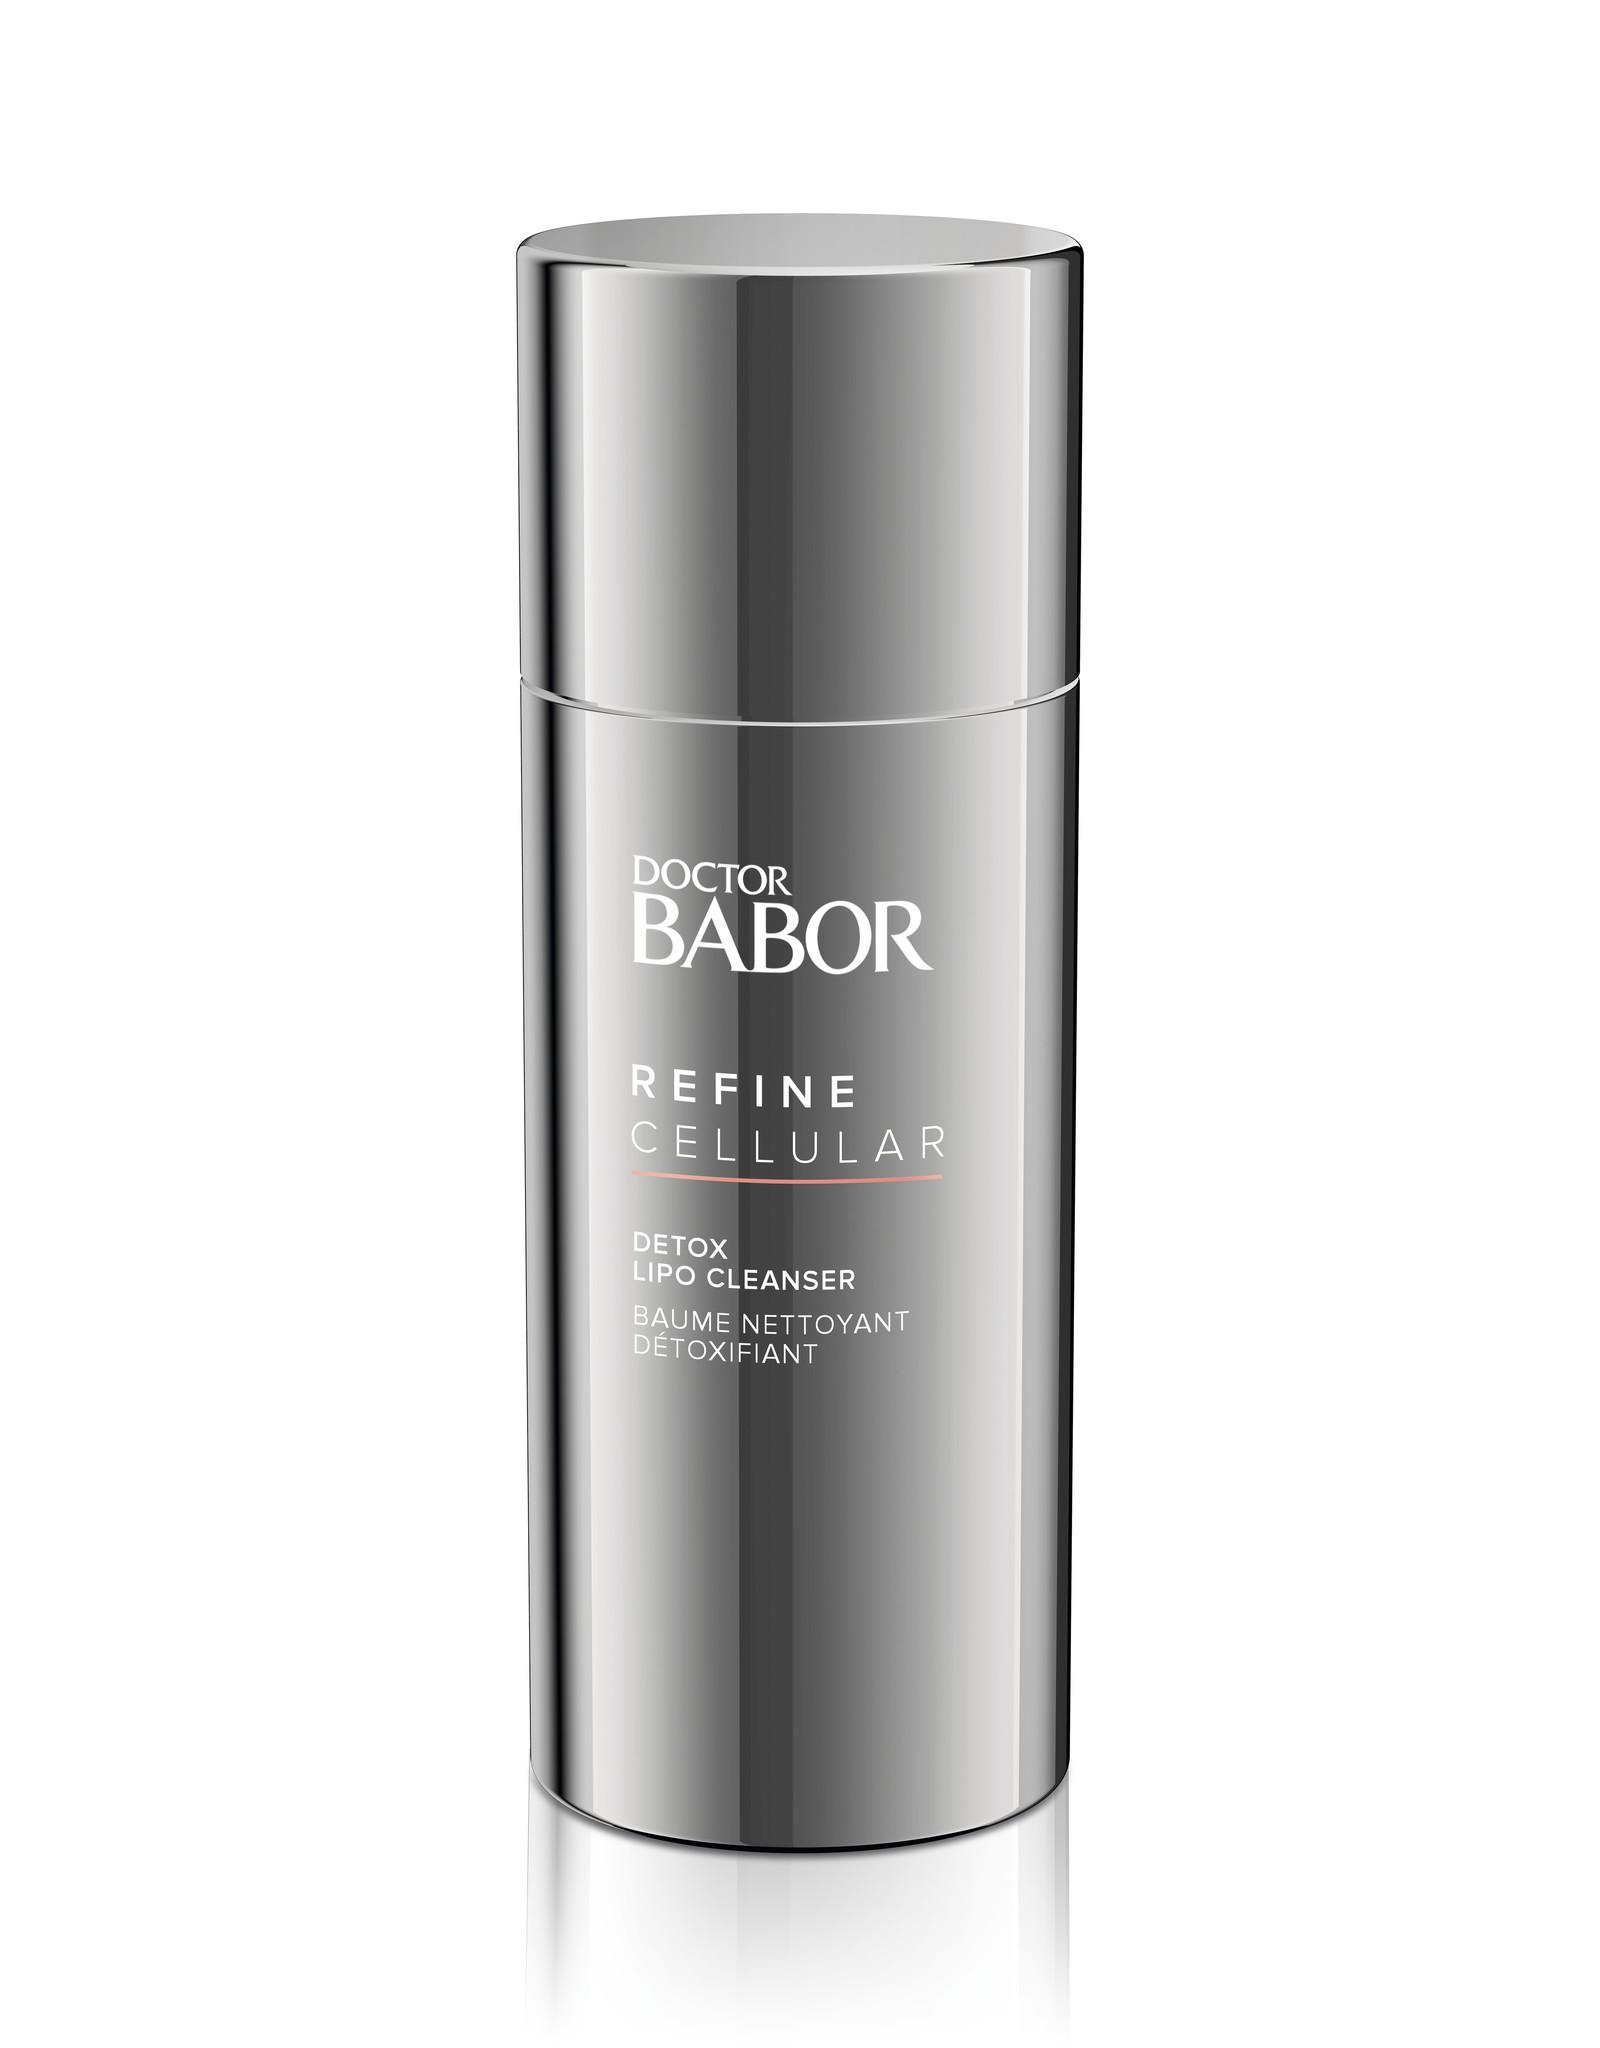 BABOR DOCTOR BABOR REFINE CELLULAR DETOX LIPO CLEANSER, 100 ML